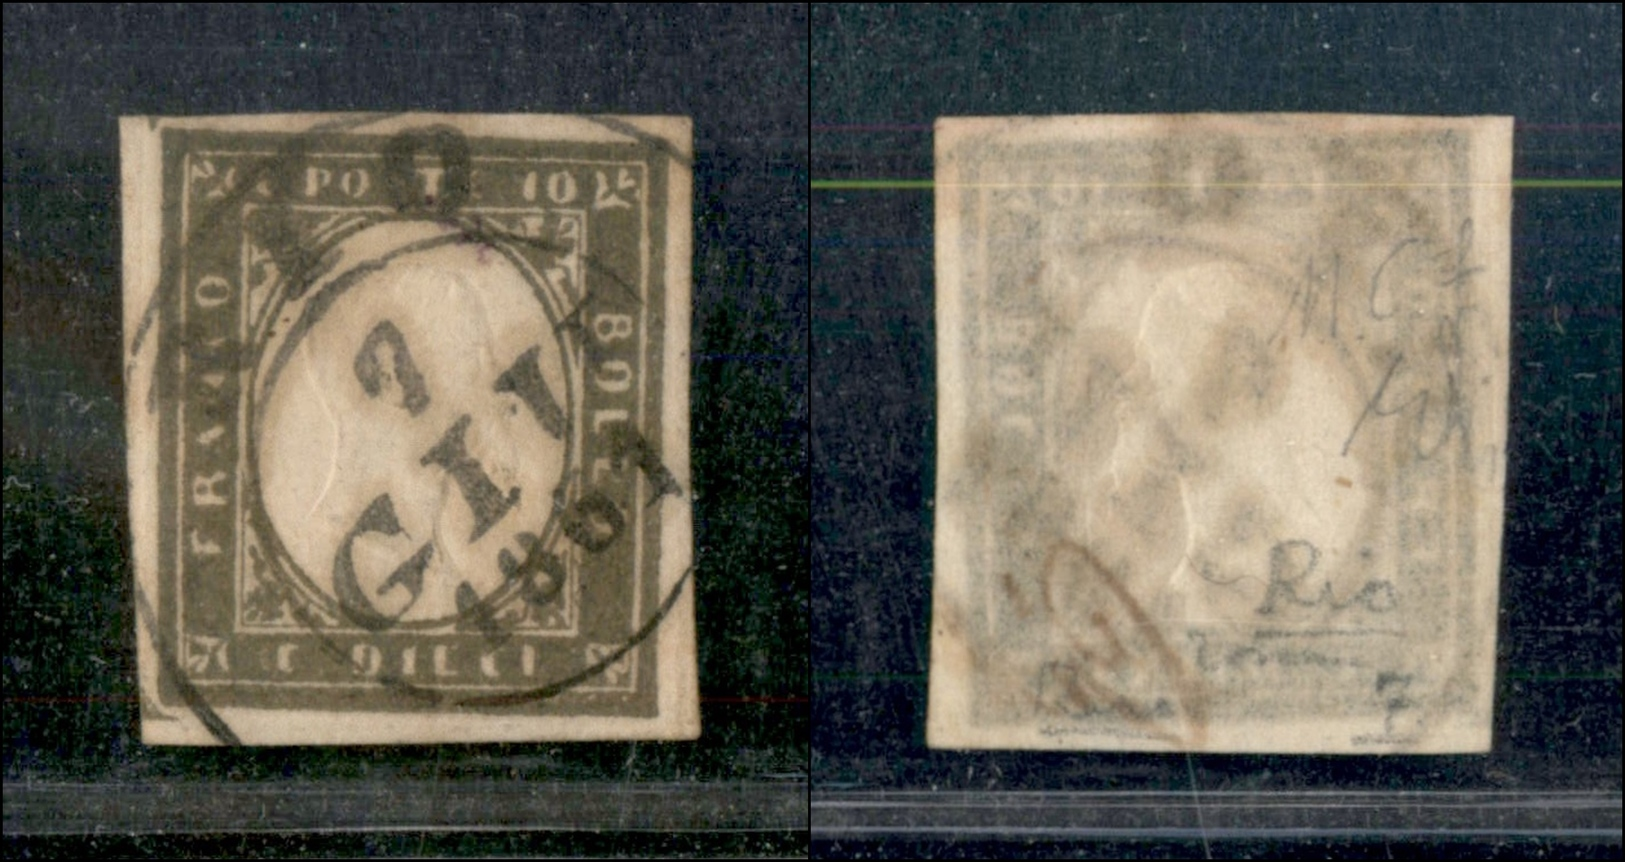 10345 REGNO - 1861 - 10 Cent Oliva Grigio Scuro (14Cb) Con Ottimi Margini - Rio (punti 7) - Molto Bello (2.500+) - Stamps